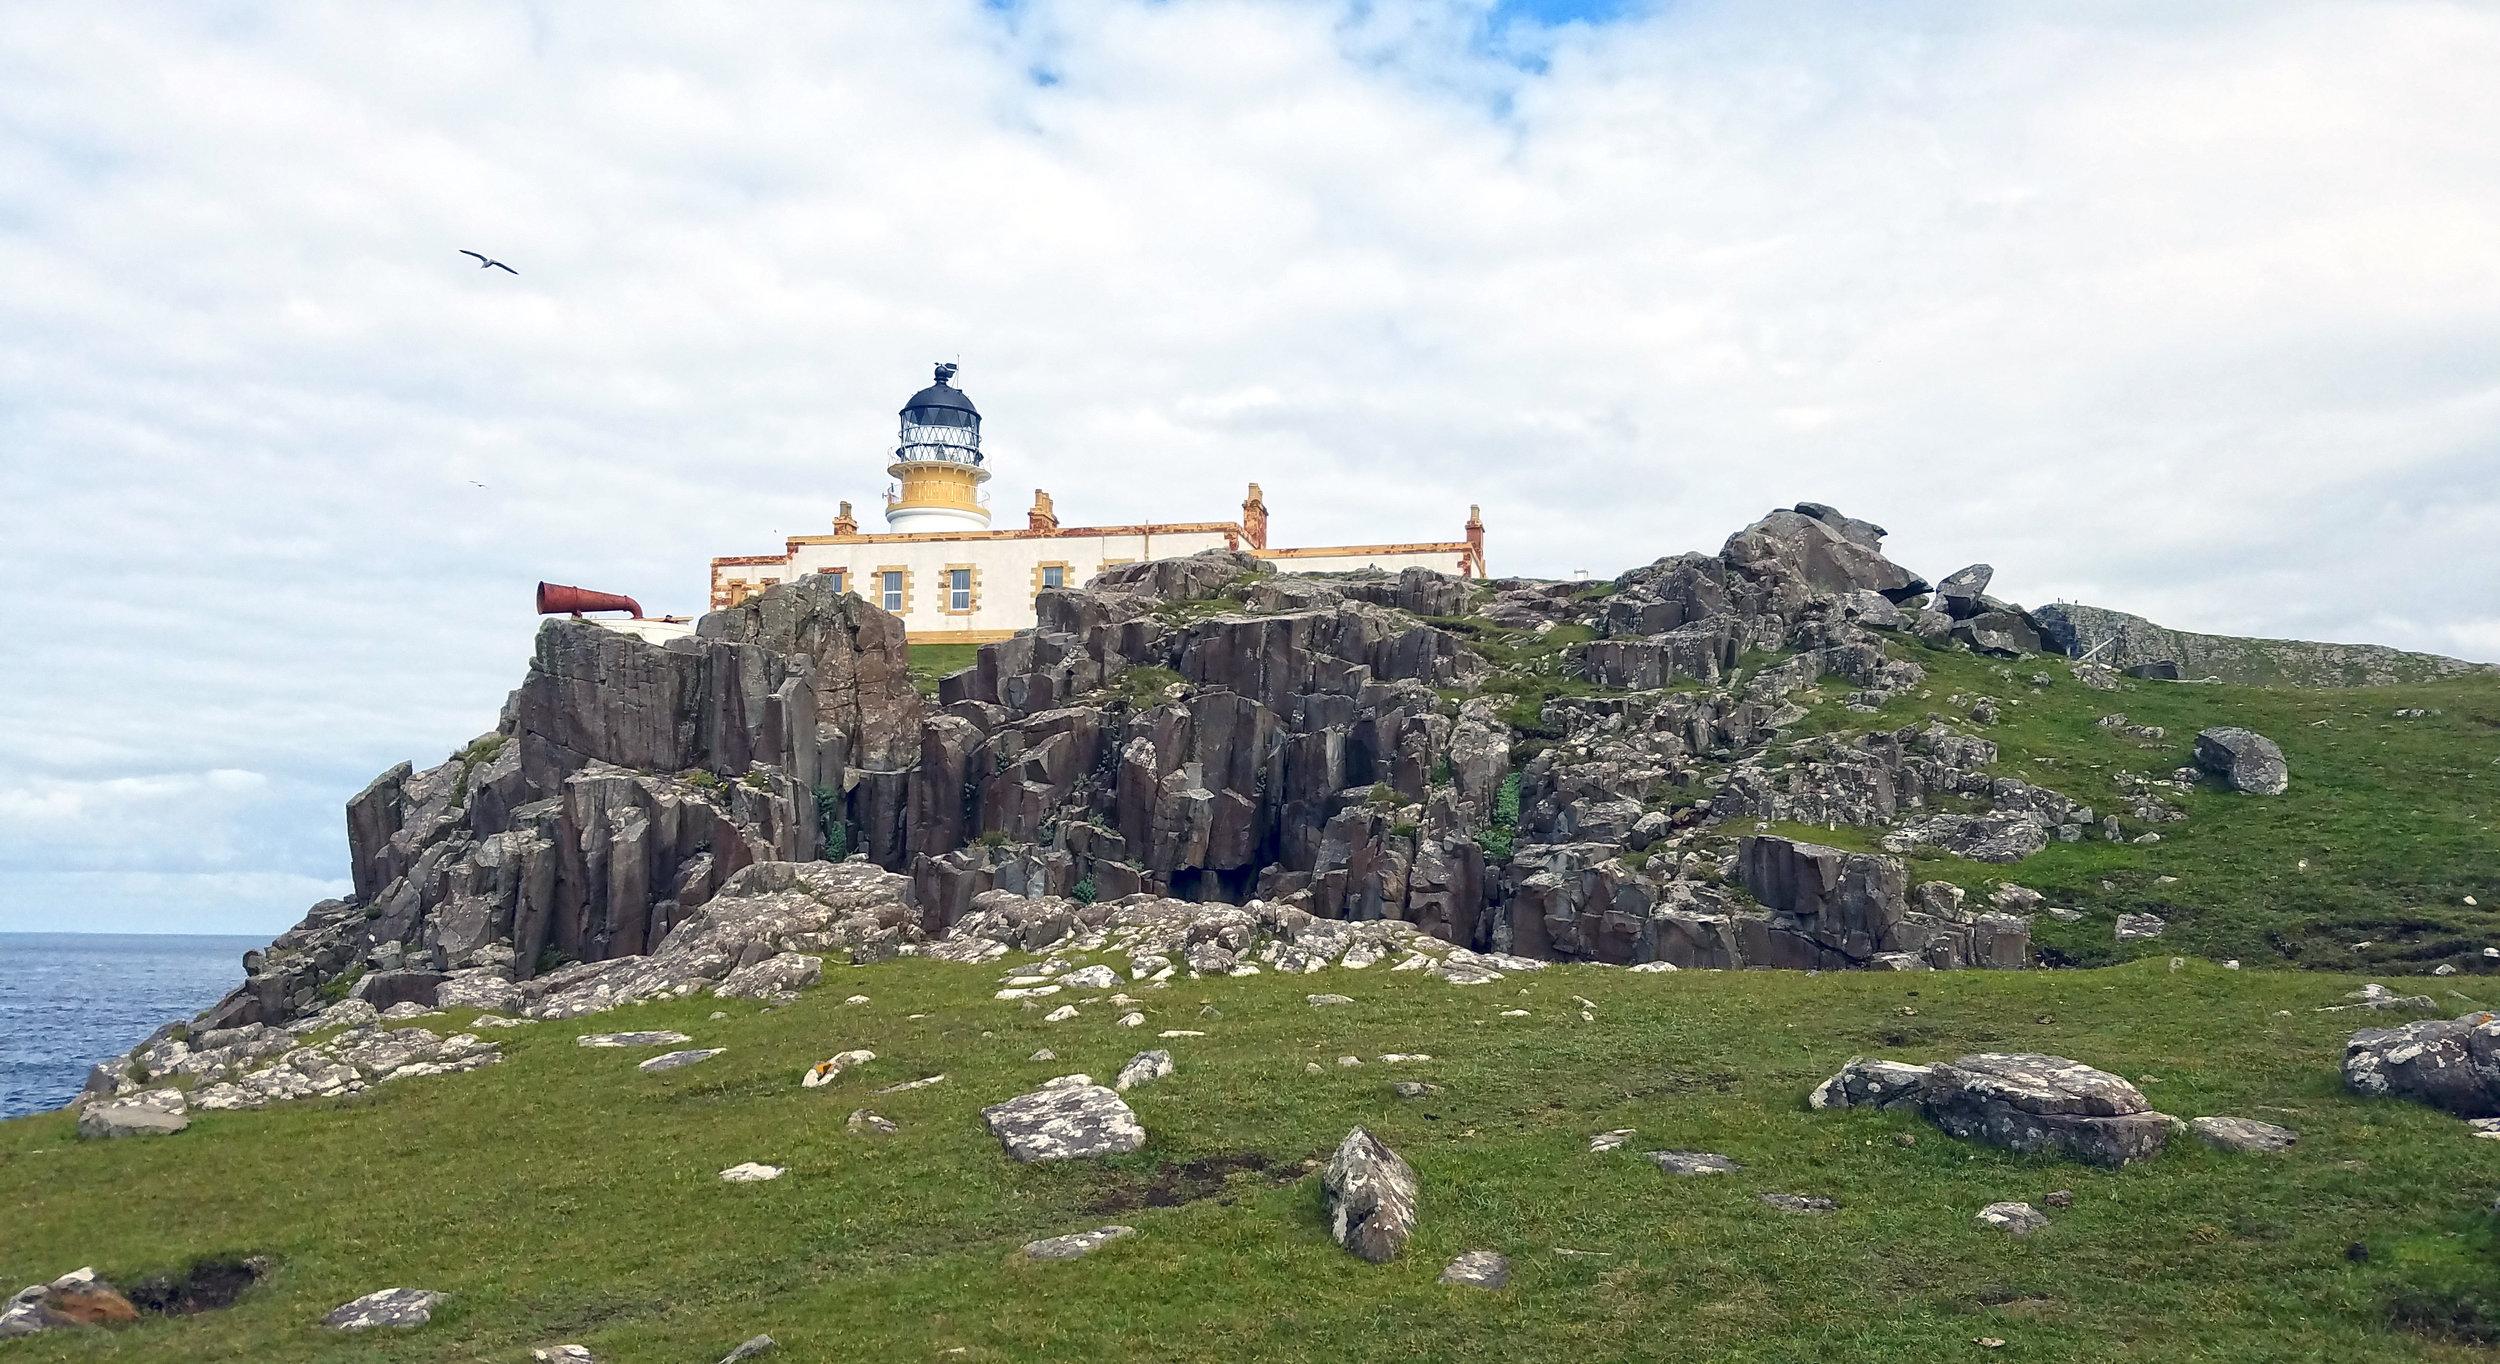 Lighthouse with Bird.jpg